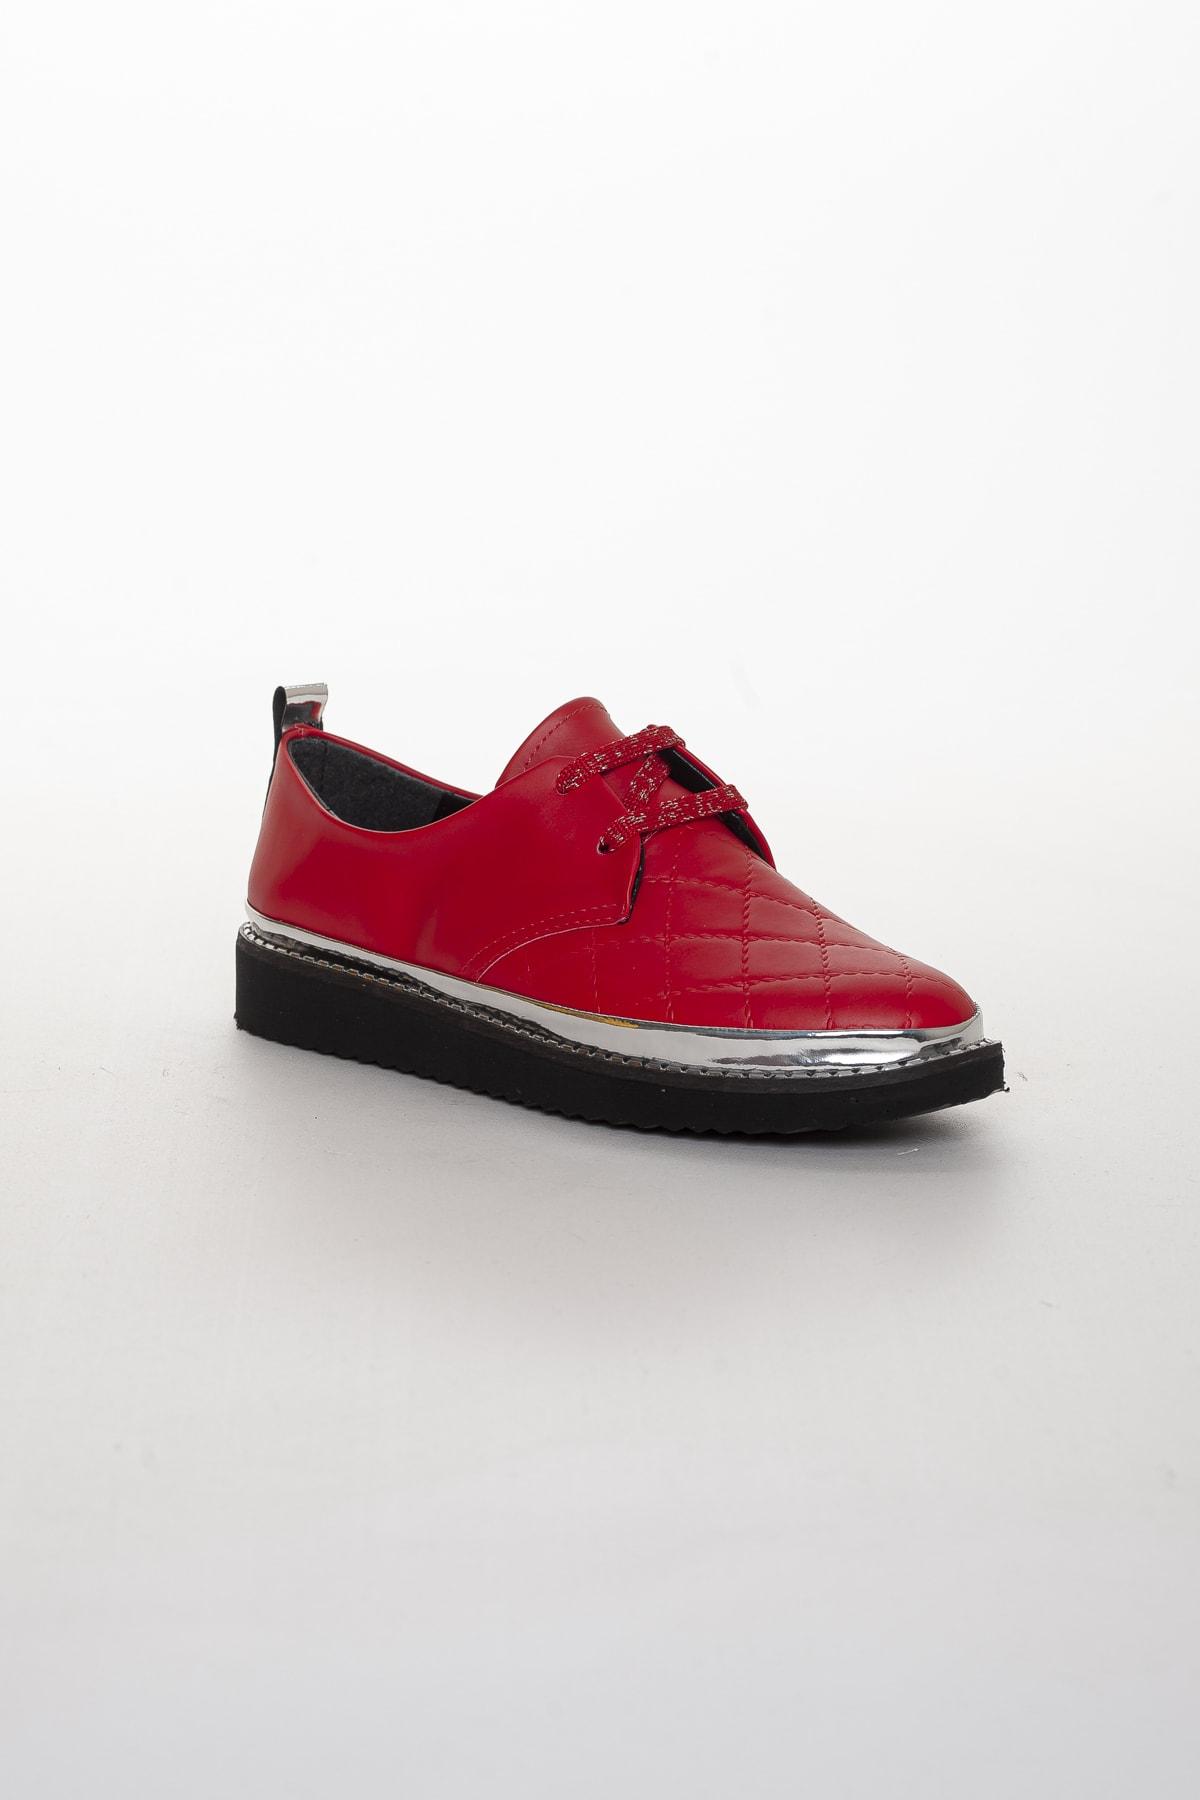 Odal Shoes Bayan Kırmızı Kapitone Oxford Ayakkabı Oxkptne584235000 2